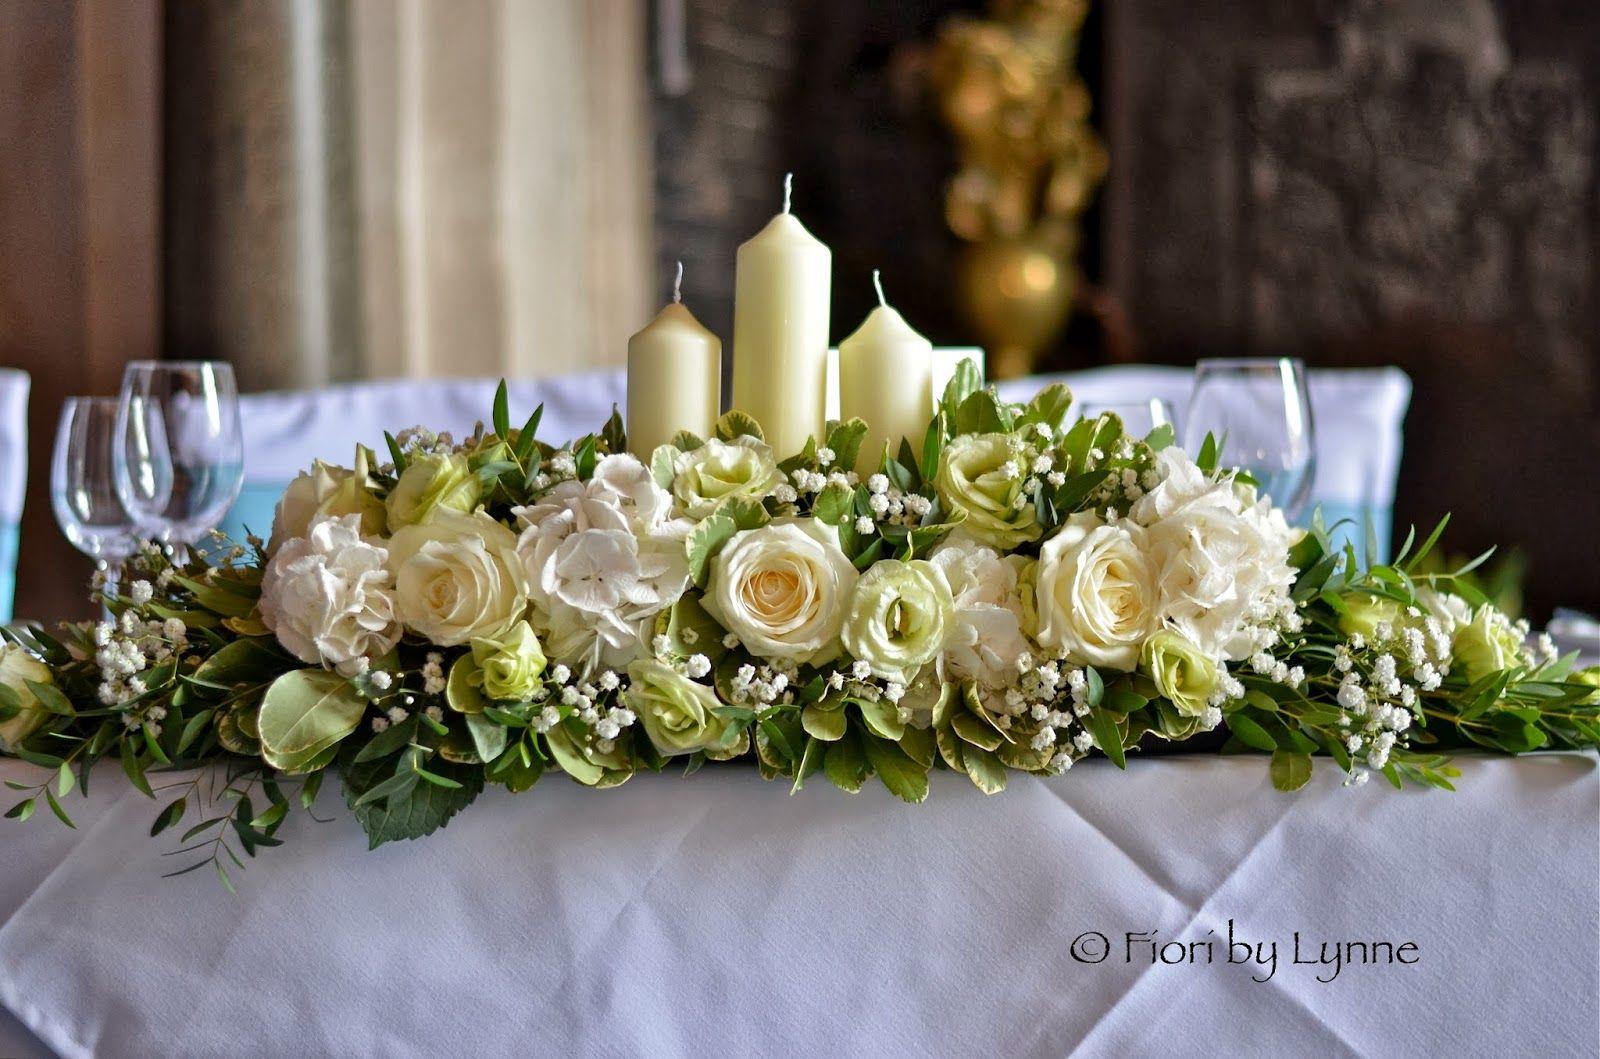 Pin By Pajhavzoov Lis On Wedding Flowers Wedding Flowers